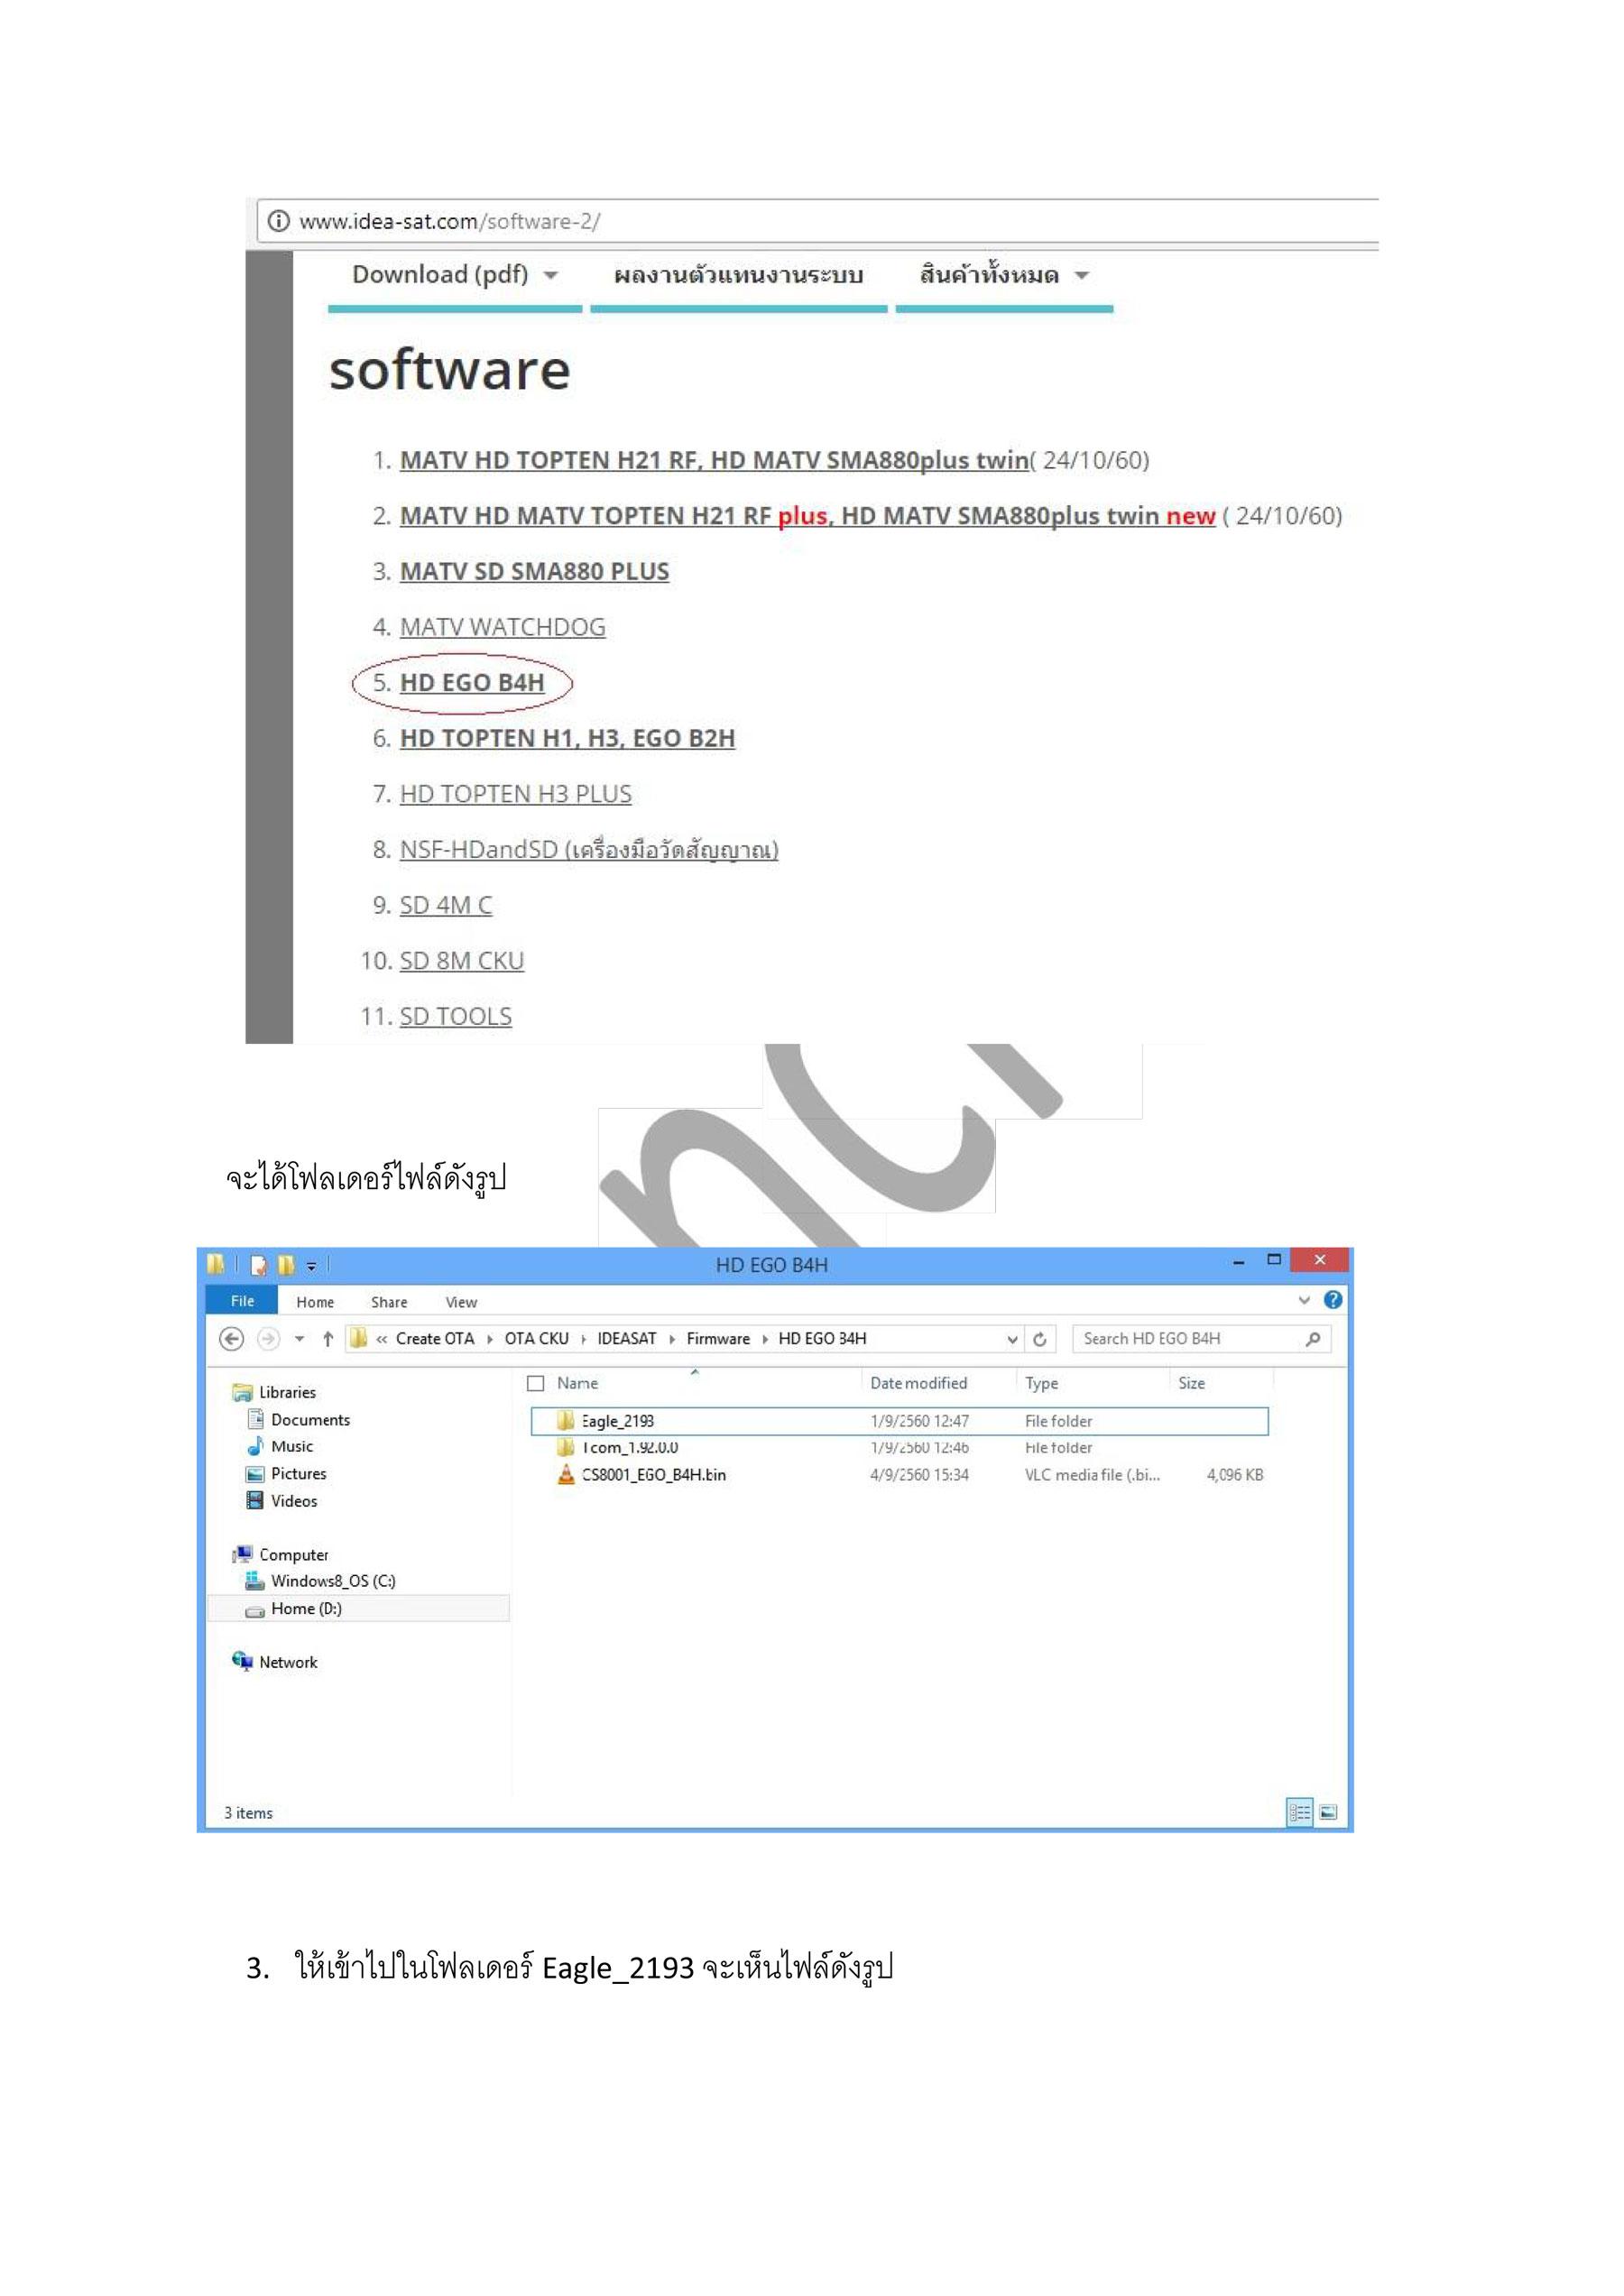 UPLOAD-Software-EGO_B4HD-2